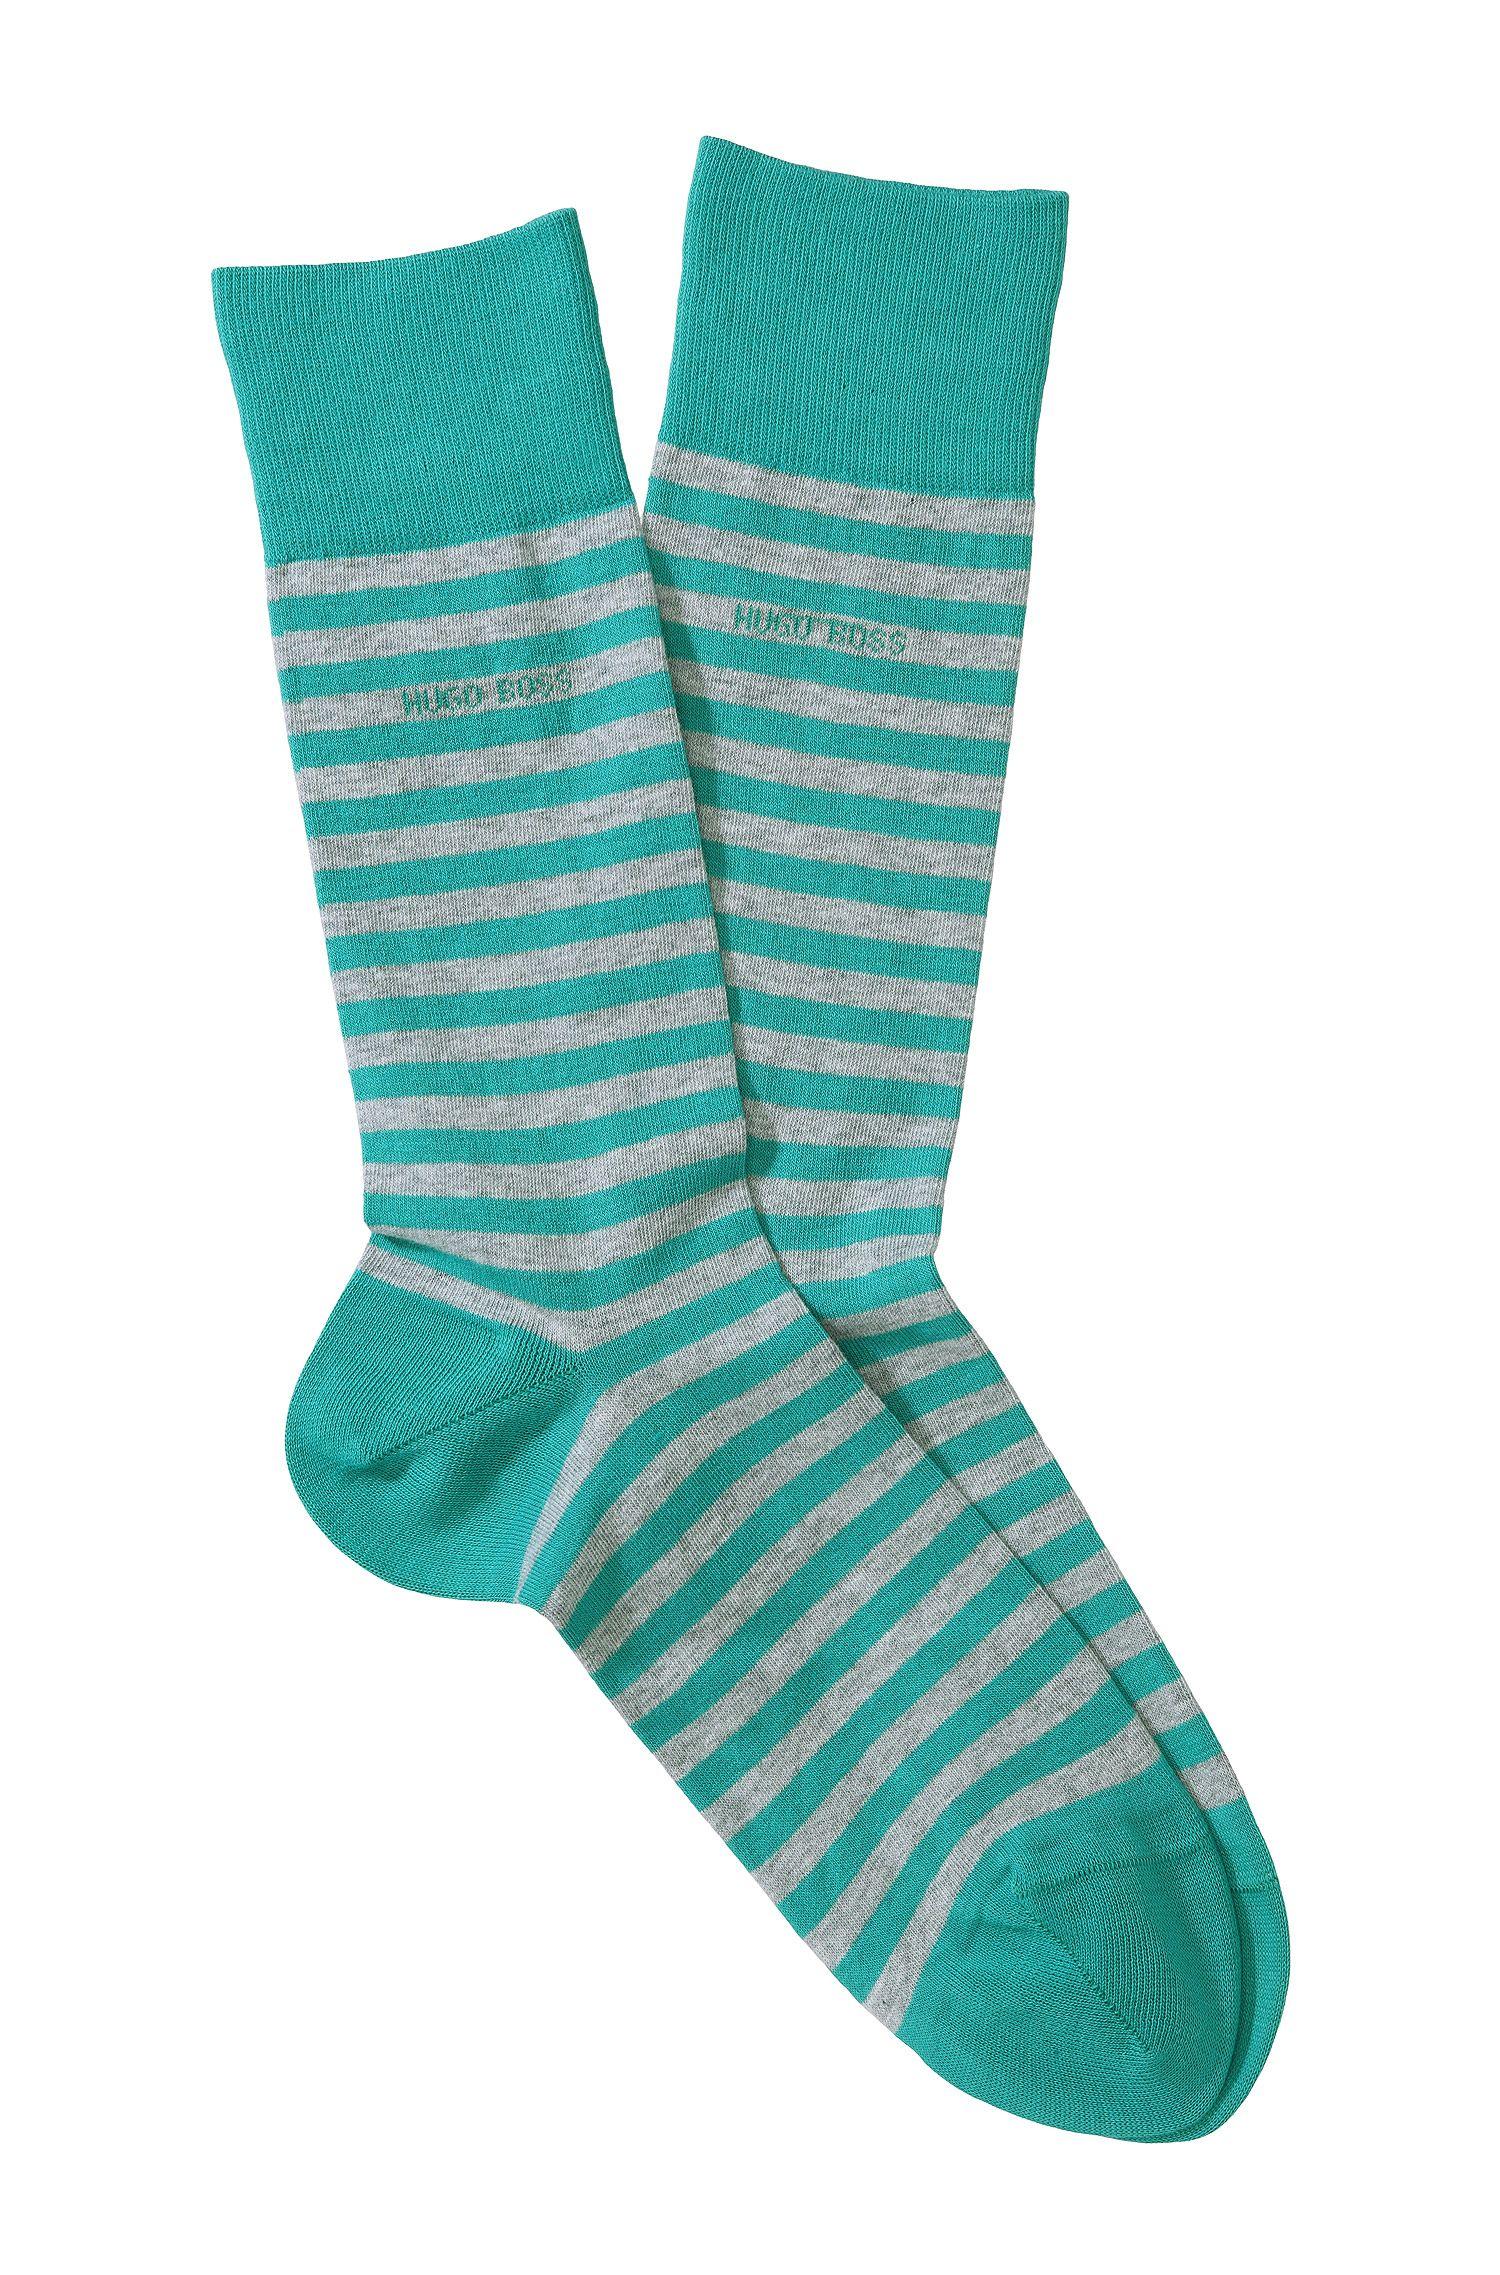 Socken ´Marc Design` mit Streifen